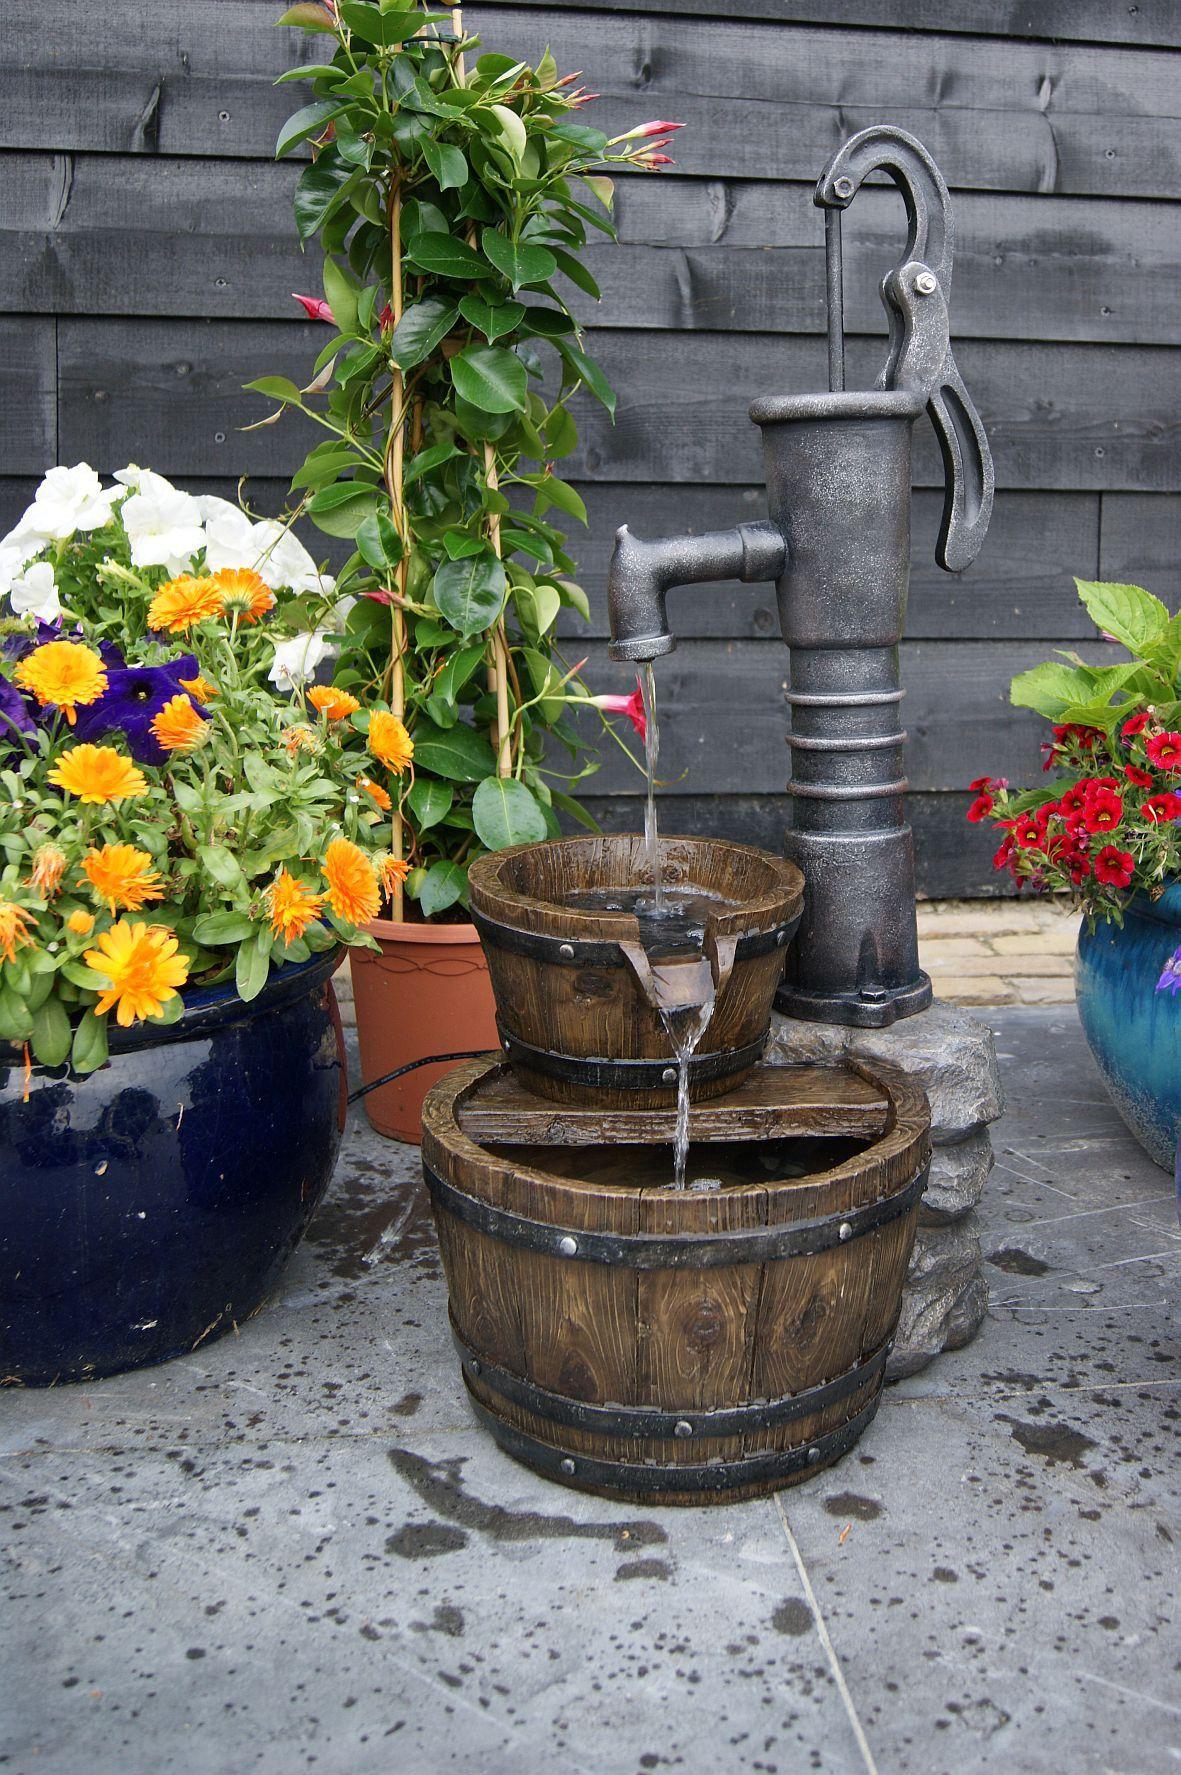 Fontaine De Jardin Las Vegas Acqua Arte | Fontaine De Jardin ... concernant Petite Fontaine De Jardin Pas Cher